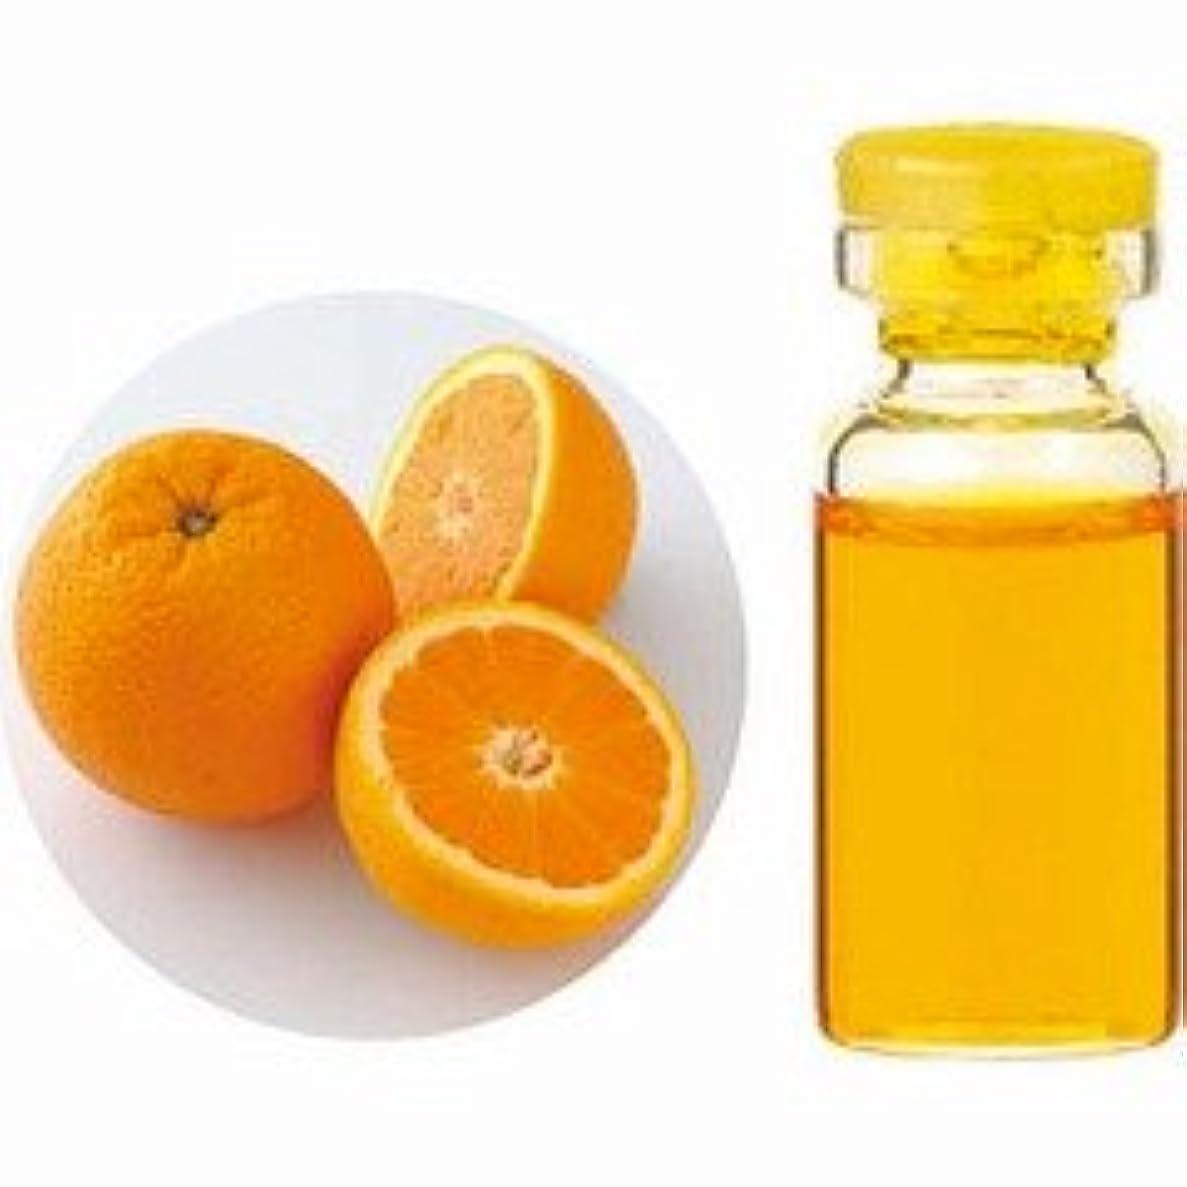 ラフ睡眠アルネ人工的なエッセンシャルオイル(精油) オレンジスイート 10ml 【生活の木】